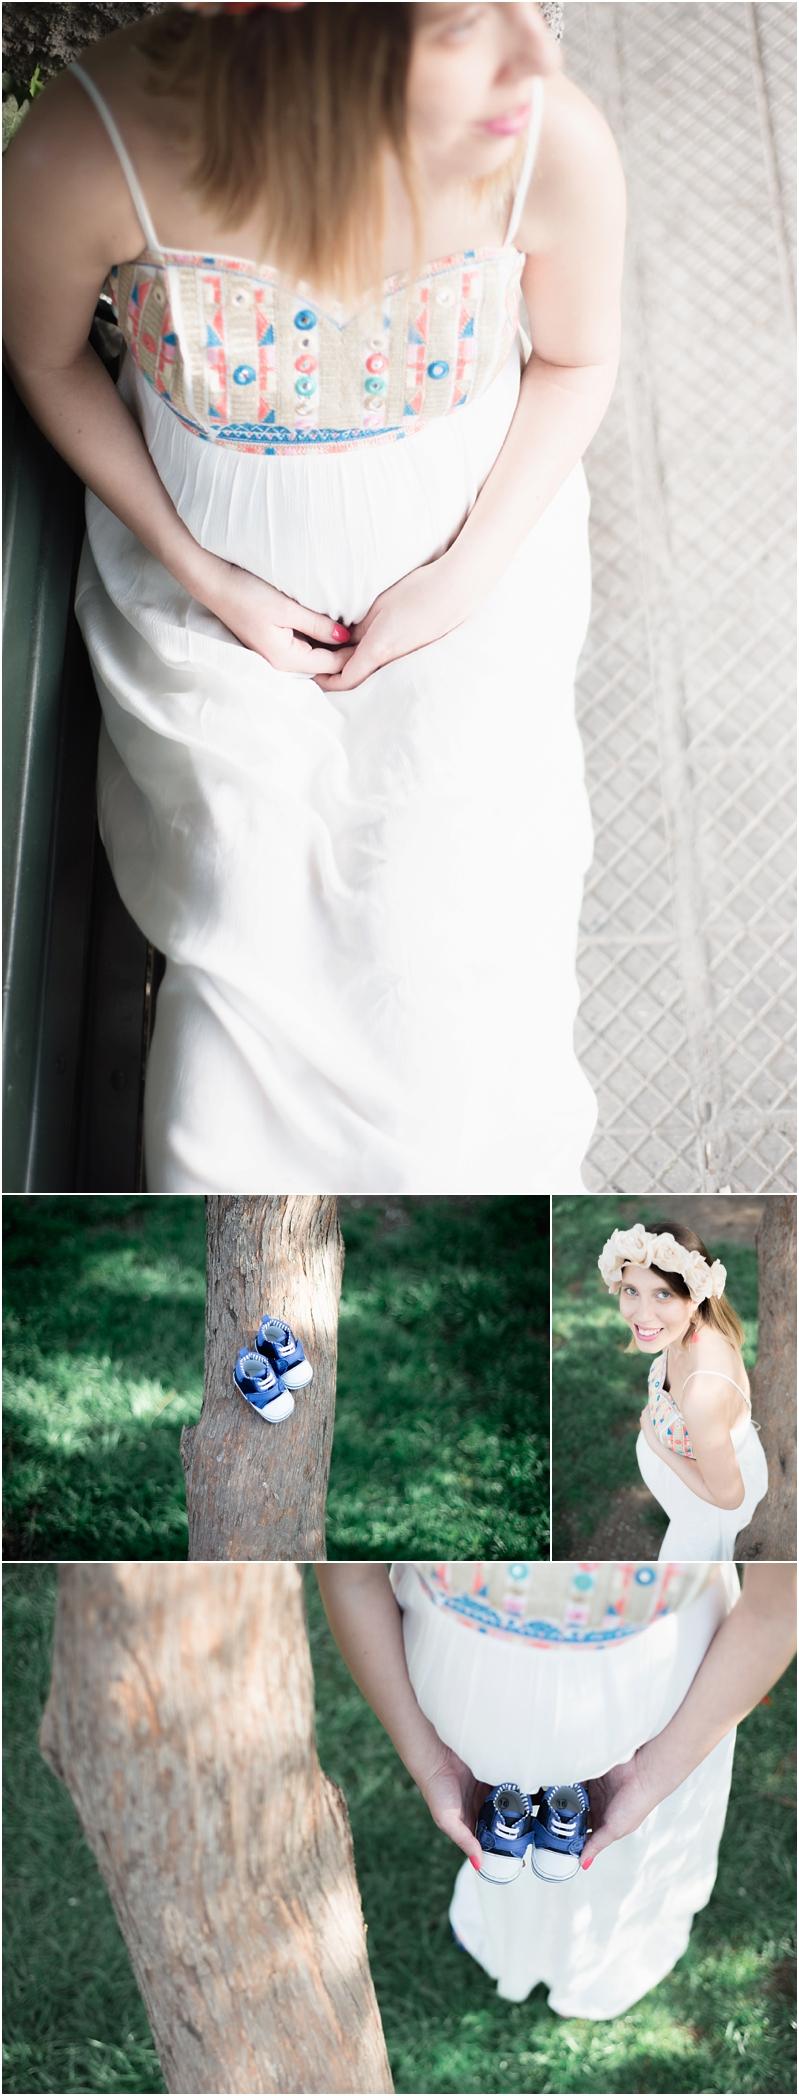 Sesión fotográfica embarazo, maternidad